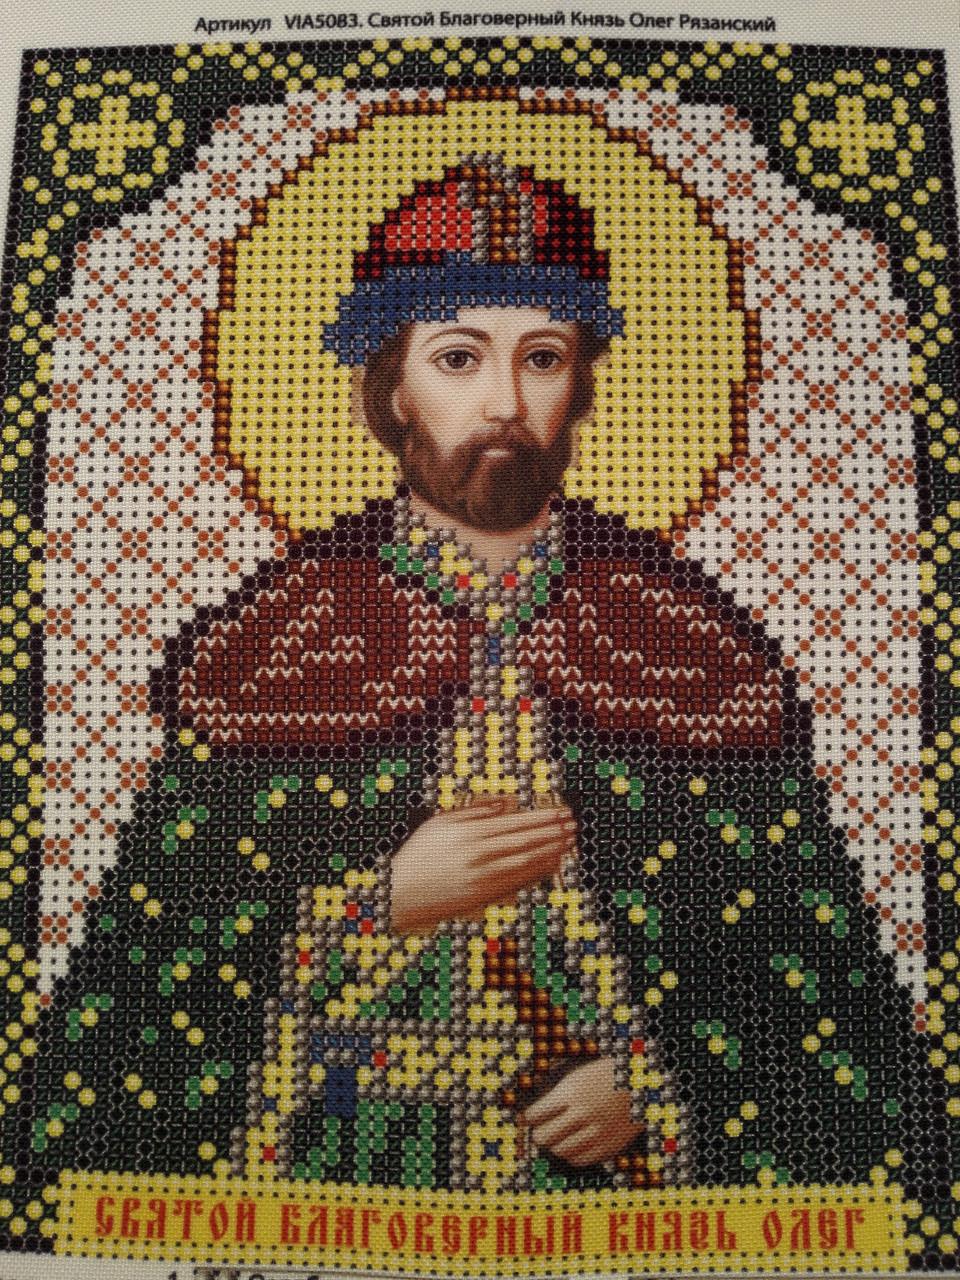 Набор для вышивки бисером икона Святой Благоверный Князь Олег VIA 5083